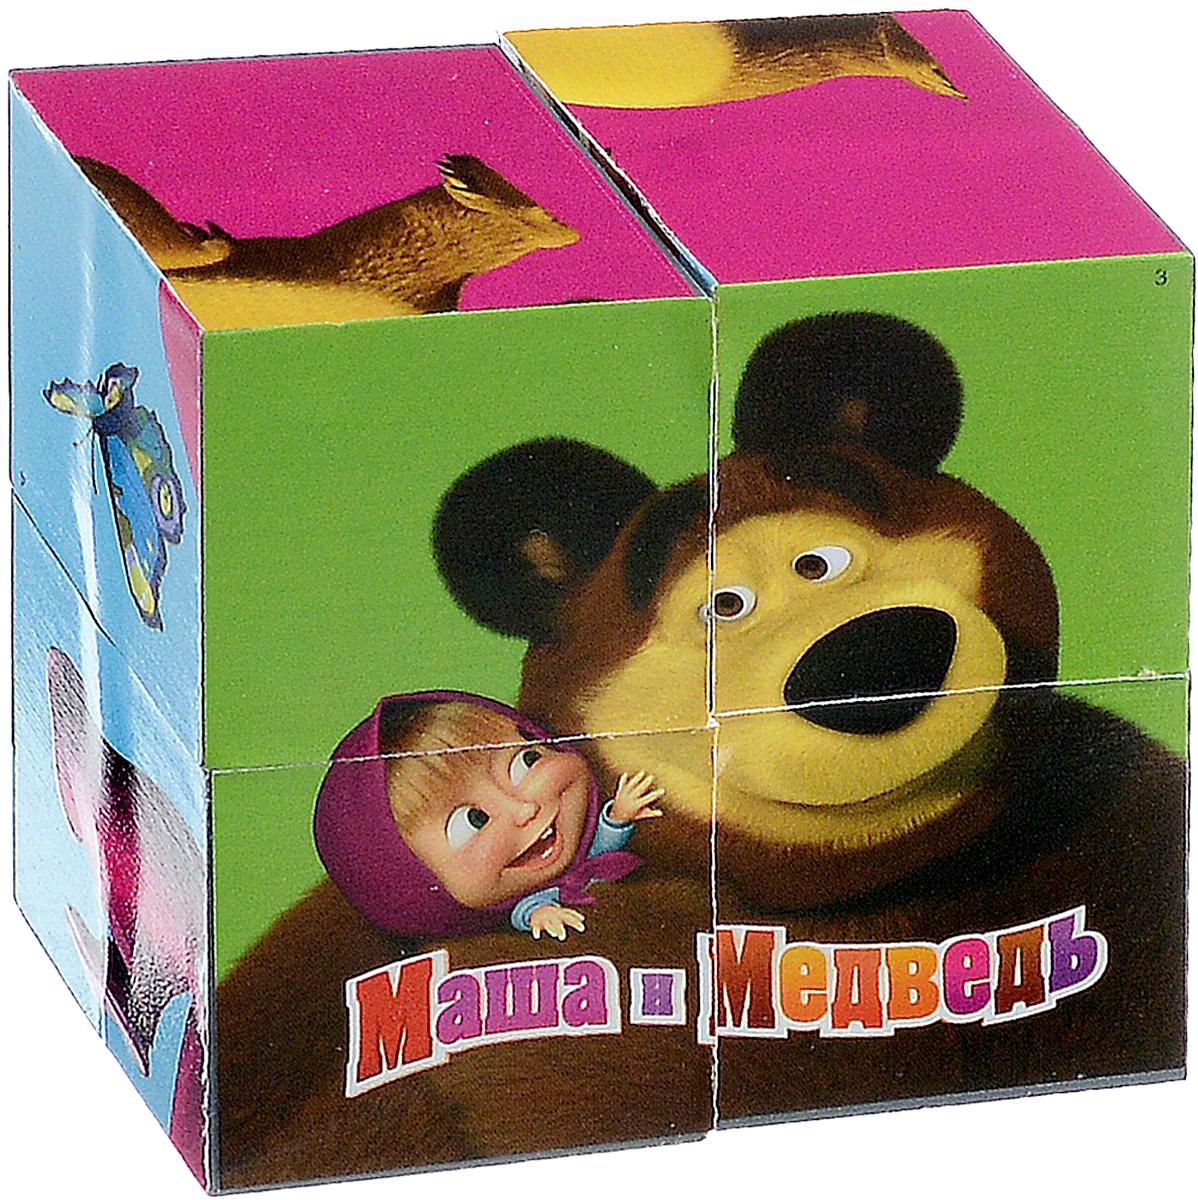 Играем вместе Кубики Маша и Медведь 0131801318С помощью четырех кубиков Играем вместе Маша и Медведь ребенок сможет собрать целых шесть красочных картинок с изображением сюжетов из любимого мультфильма. Кубики - самая популярная и самая необходимая игрушка для малыша. Игра с кубиками развивает зрительное восприятие, наблюдательность и внимание, мелкую моторику рук и произвольные движения. Ребенок научится складывать целостный образ из частей, определять недостающие детали изображения. Это прекрасный комплект для развлечения и времяпрепровождения с пользой для малыша.